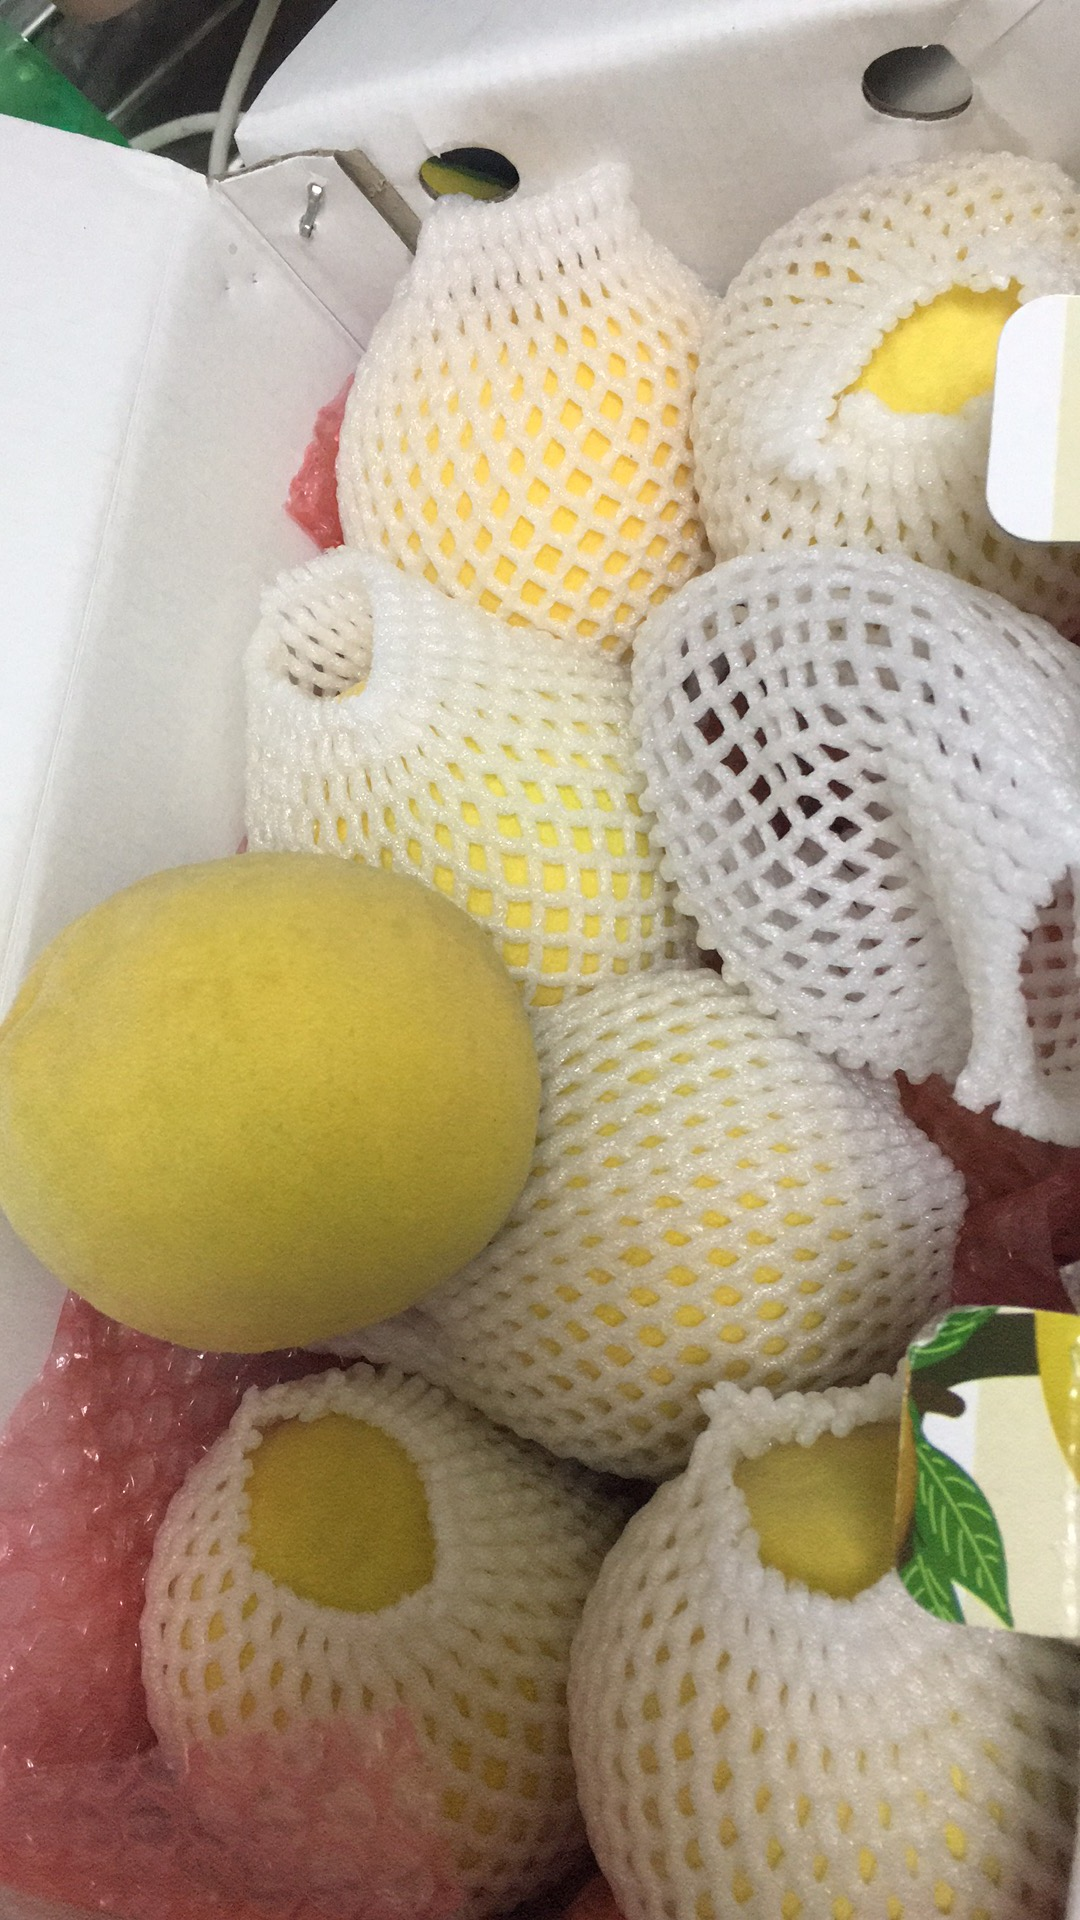 台风天收到黄桃  非常感谢  包装很好  样子不错  期待口感更好吃😋